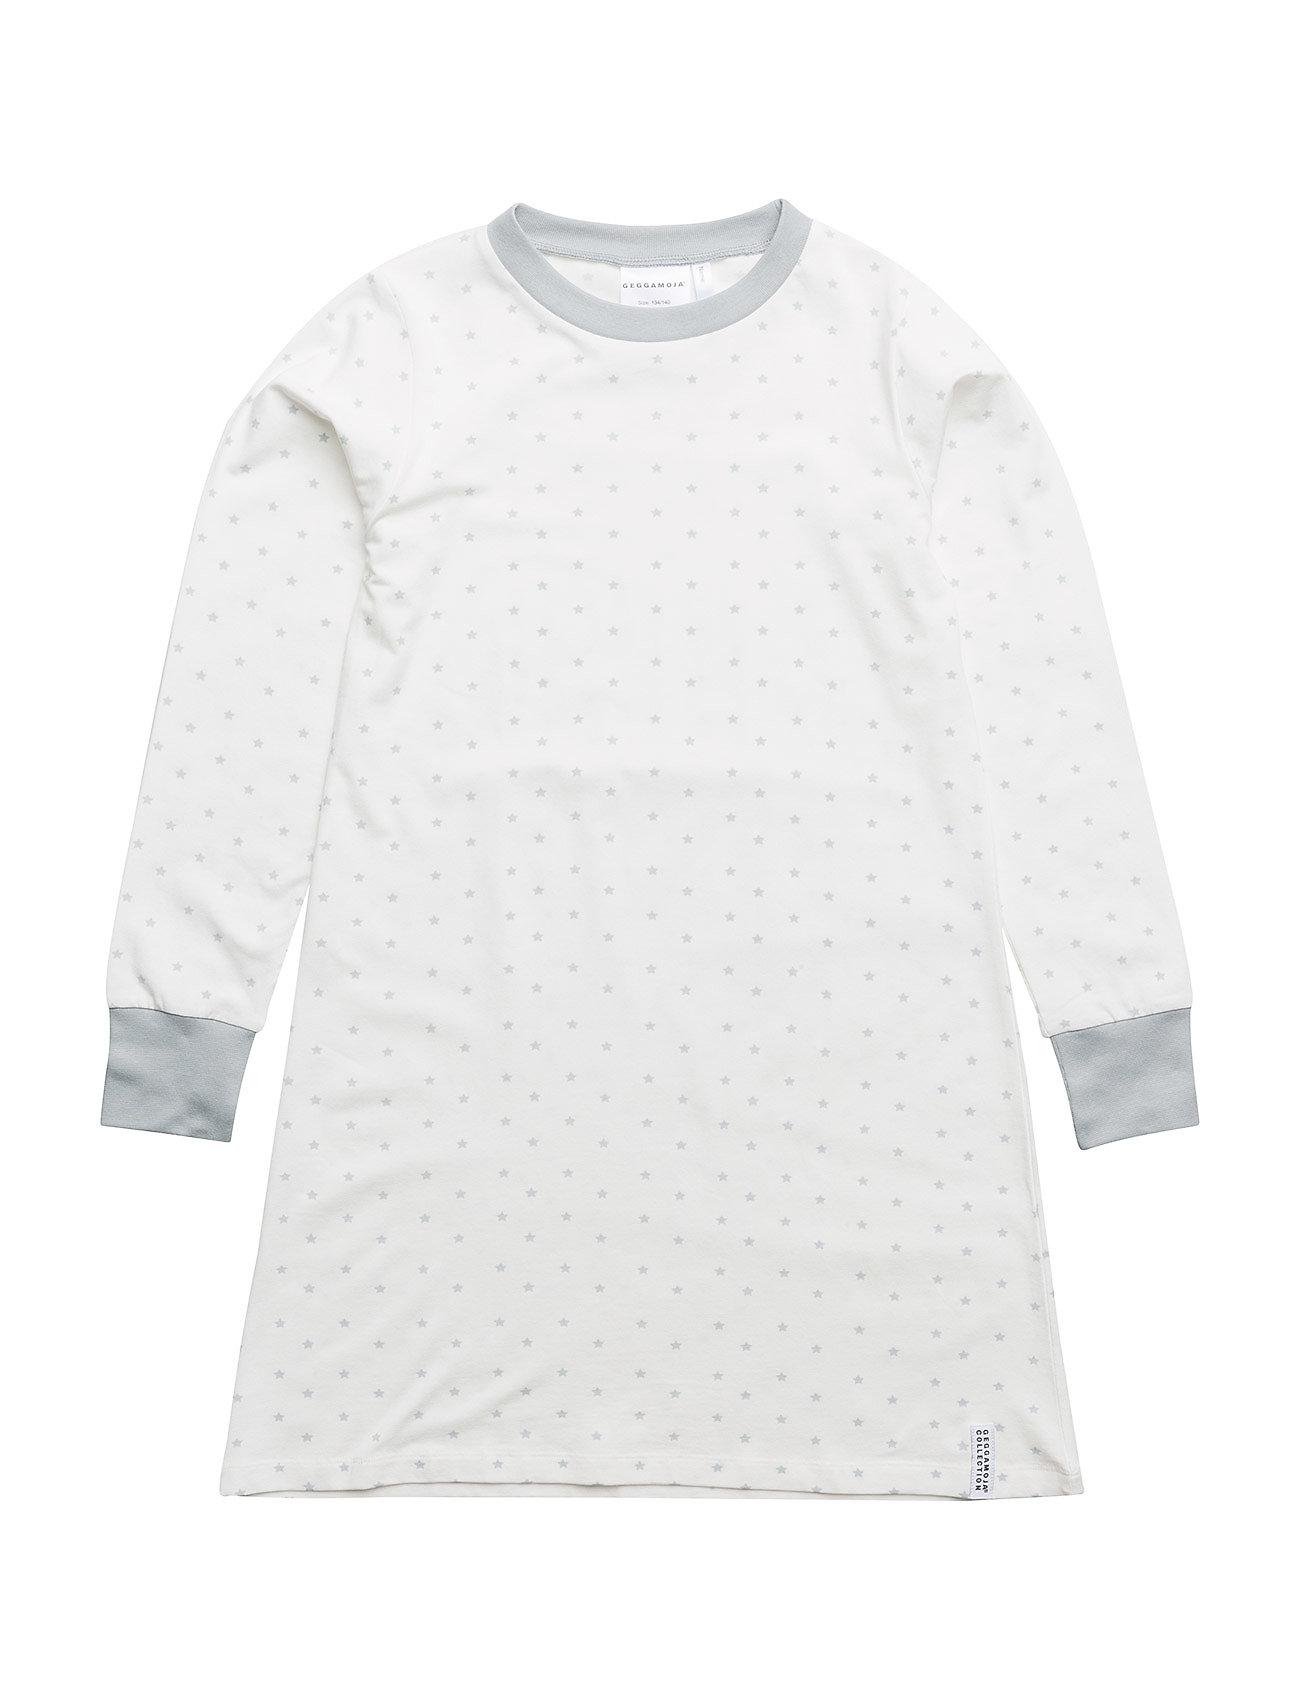 Geggamoja Bamboo nightgown Grey star - WHITE